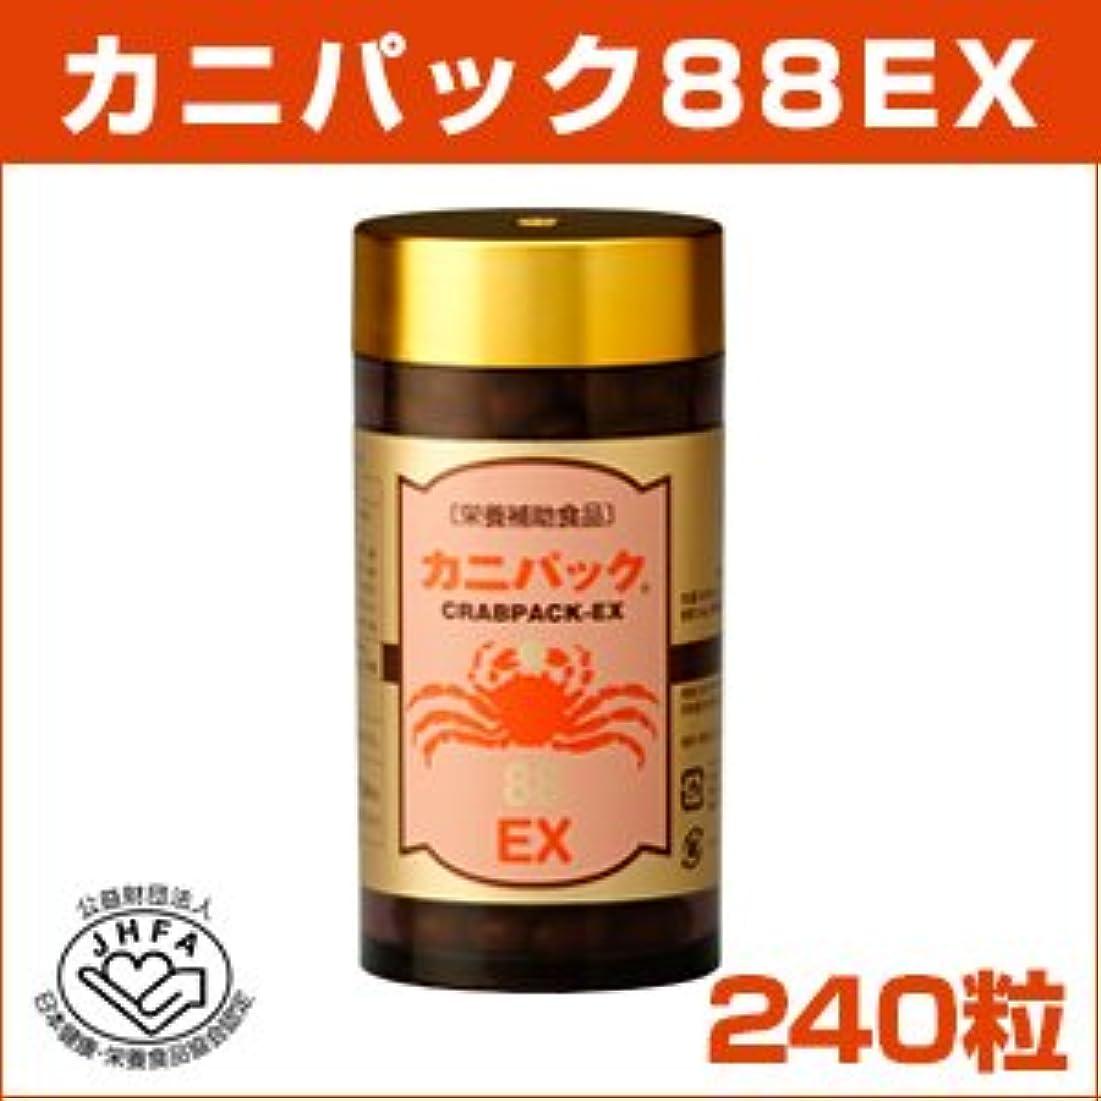 勧めるコマンドペンフレンドカニパック88EX (240粒入)